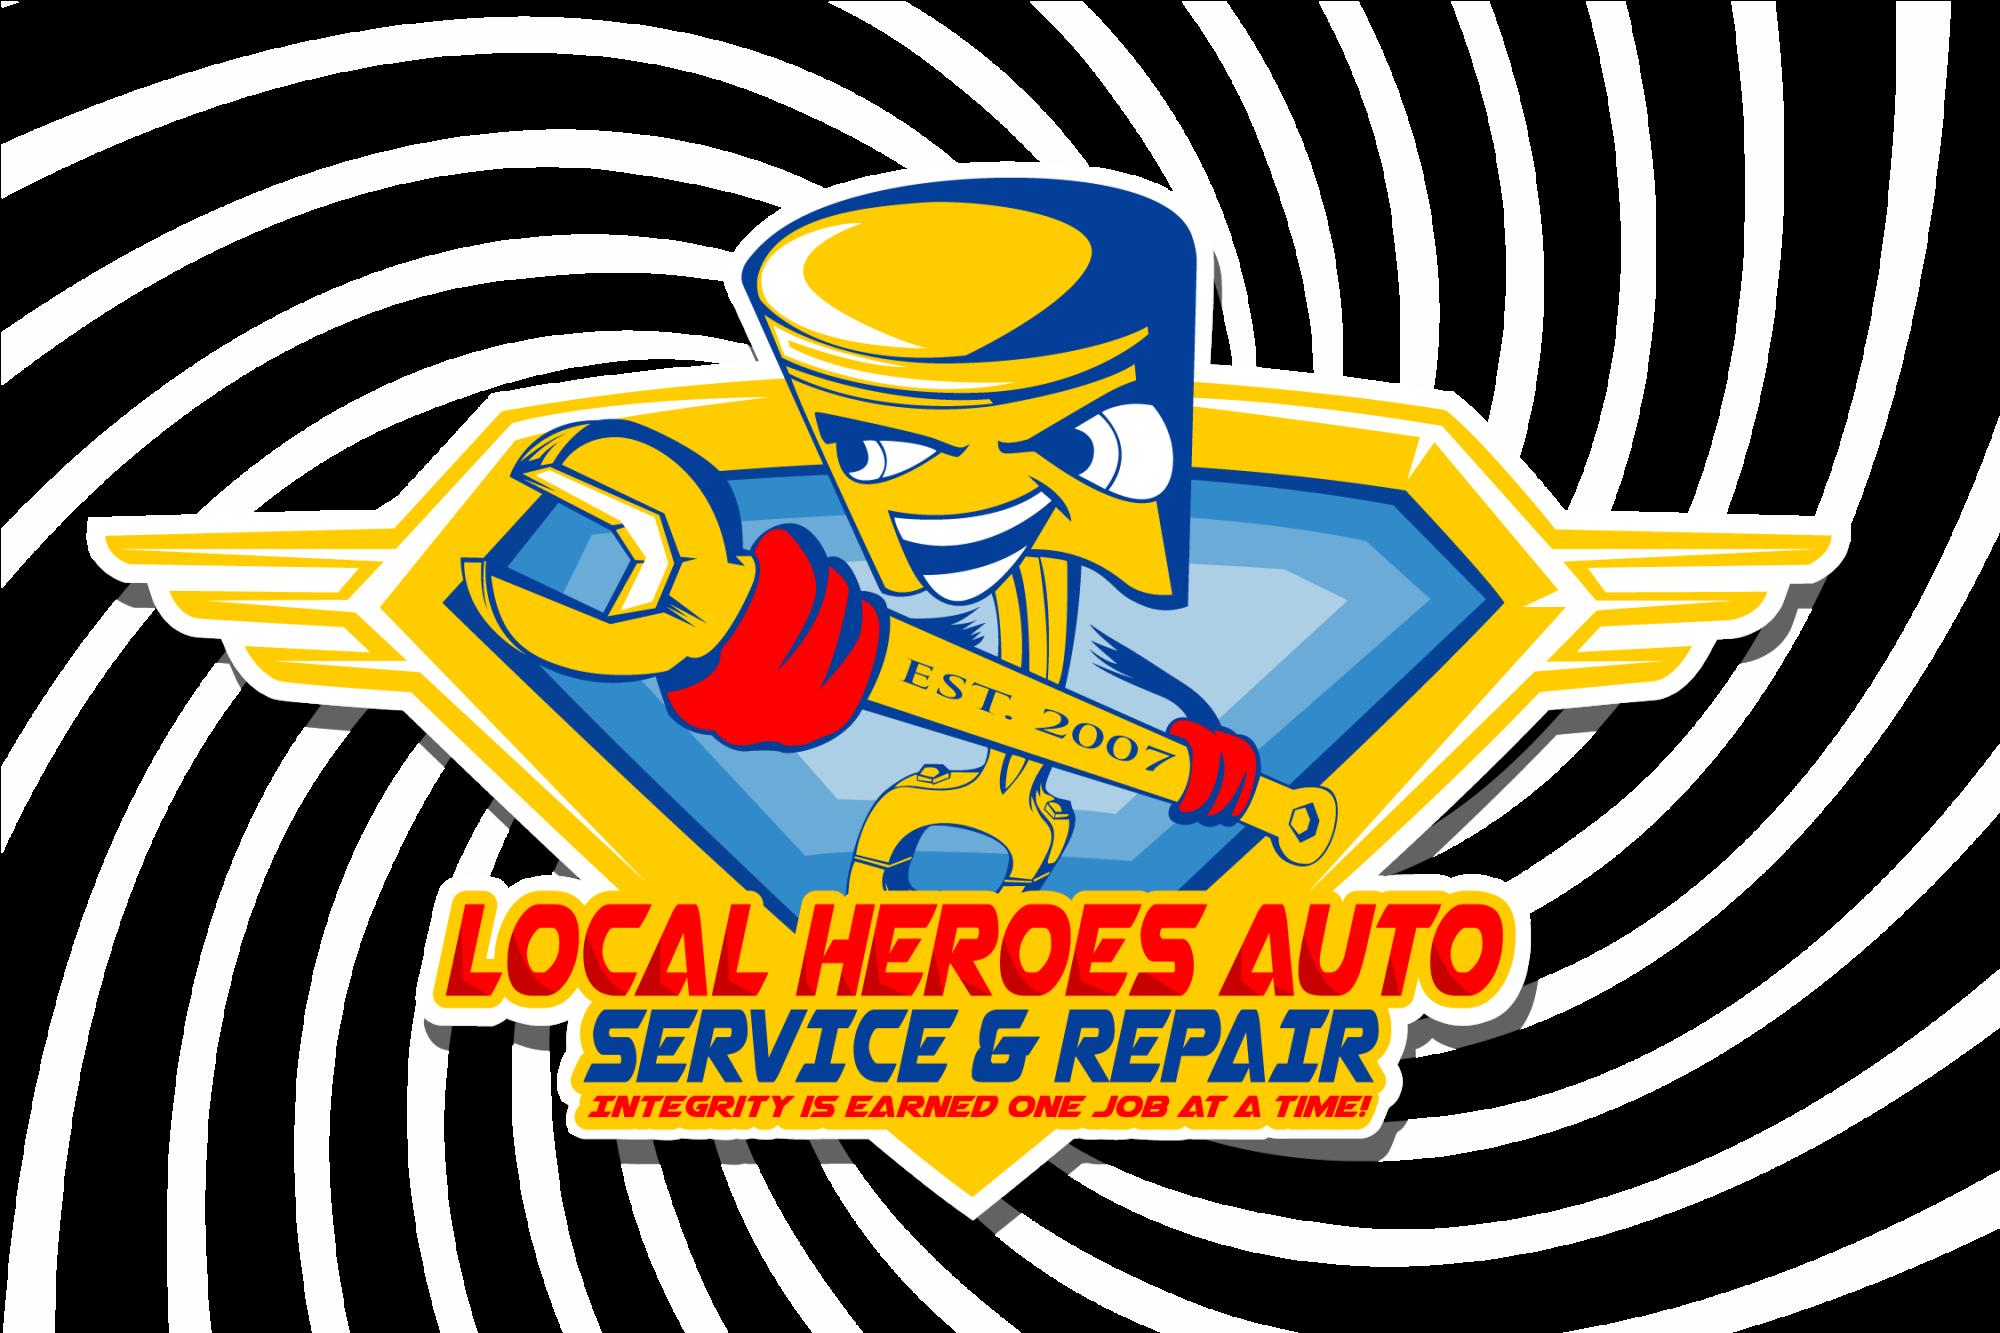 Car repair clipart free clip art royalty free library Local Heroes Auto Repair | Petaluma, CA | Verified Reviews clip art royalty free library